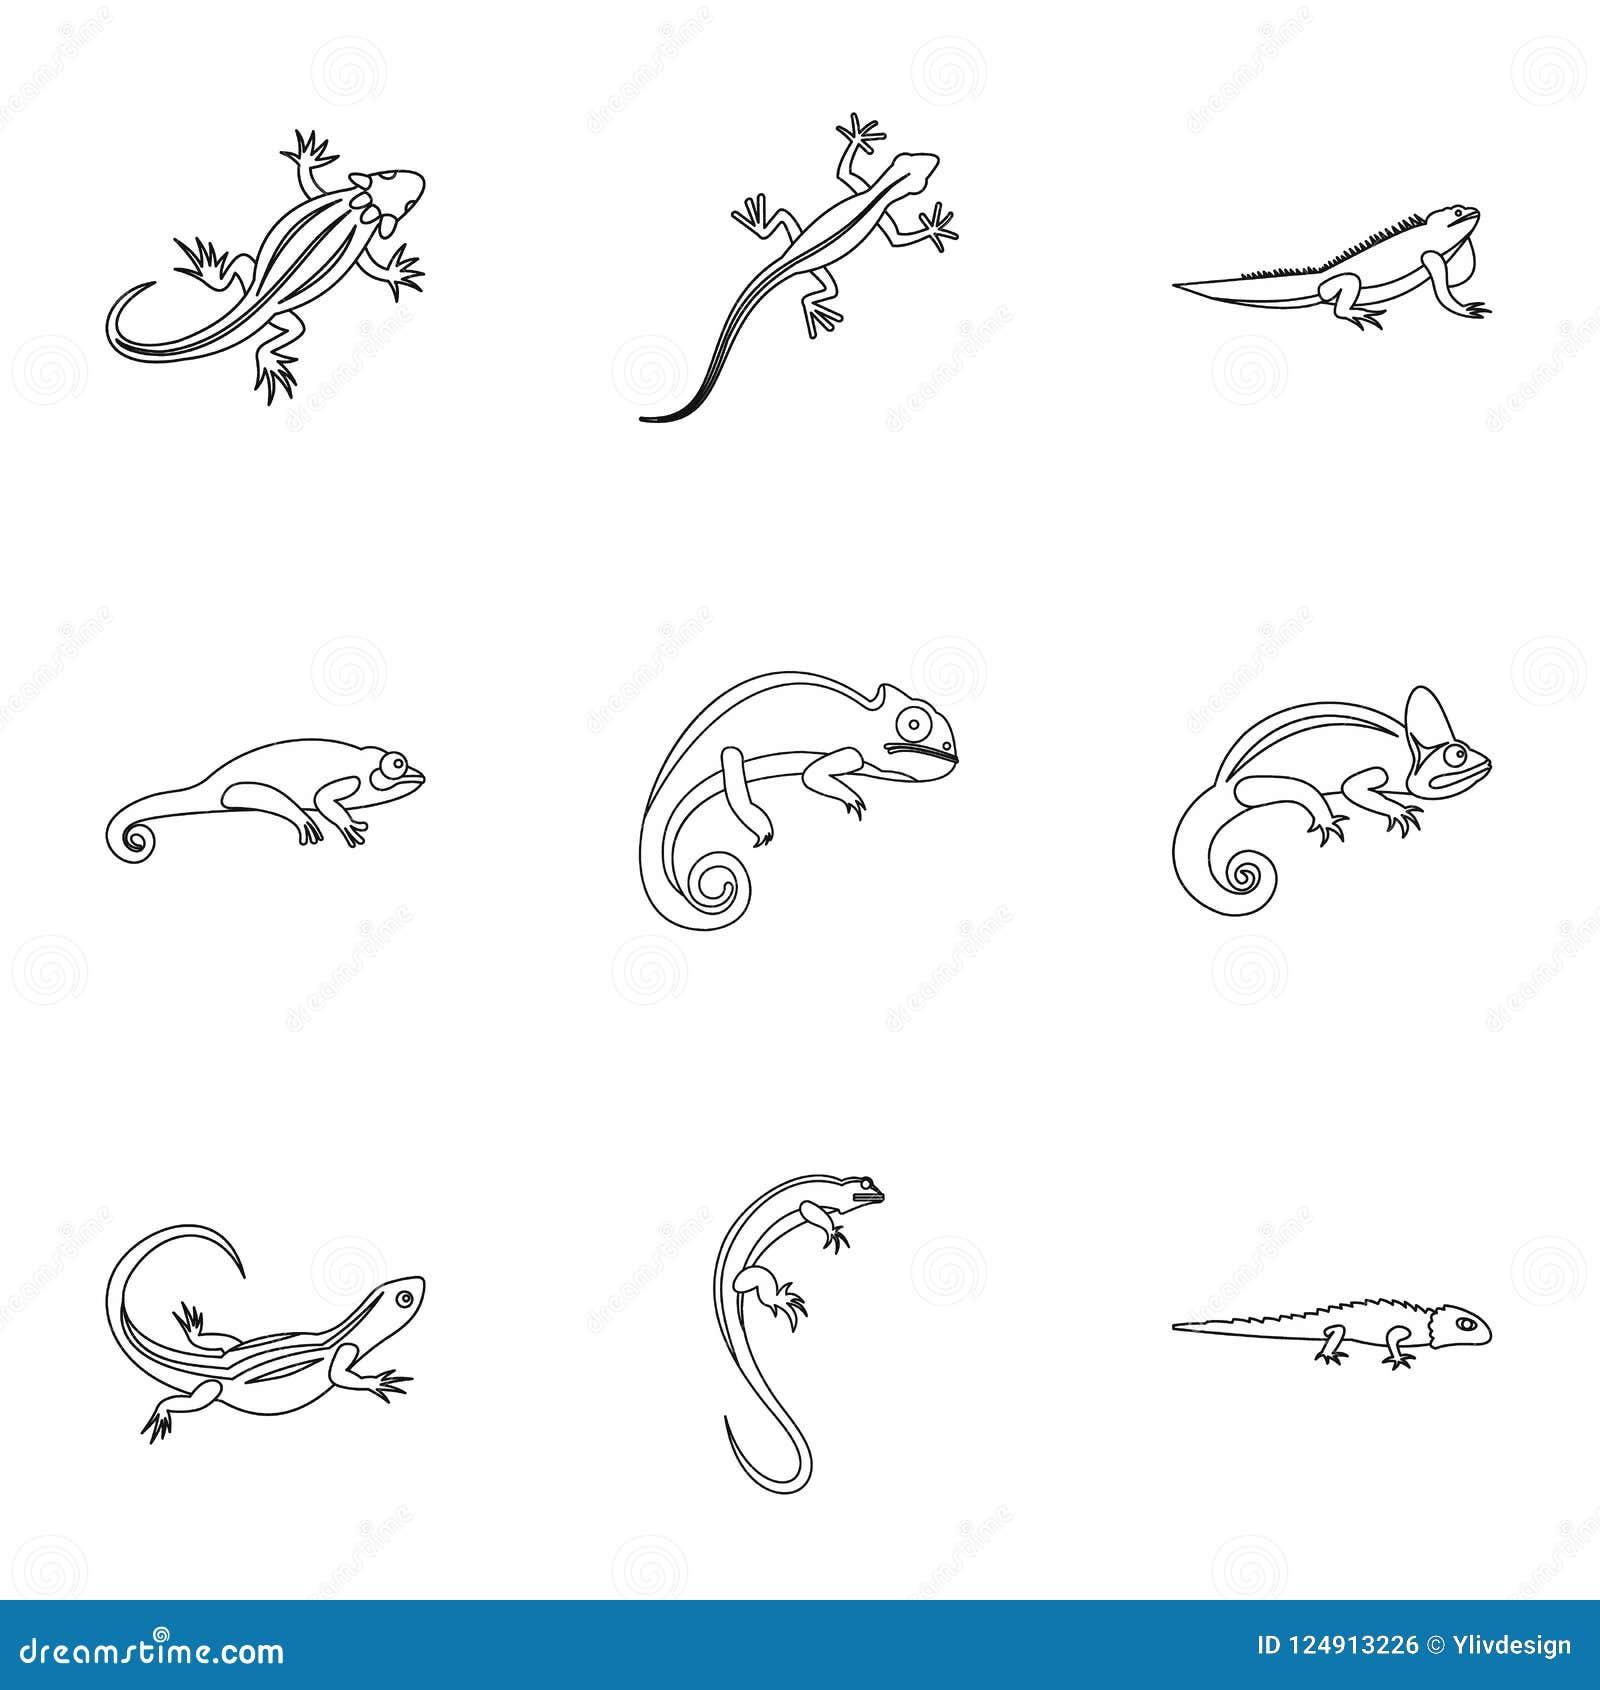 Types of iguana icons set, outline style